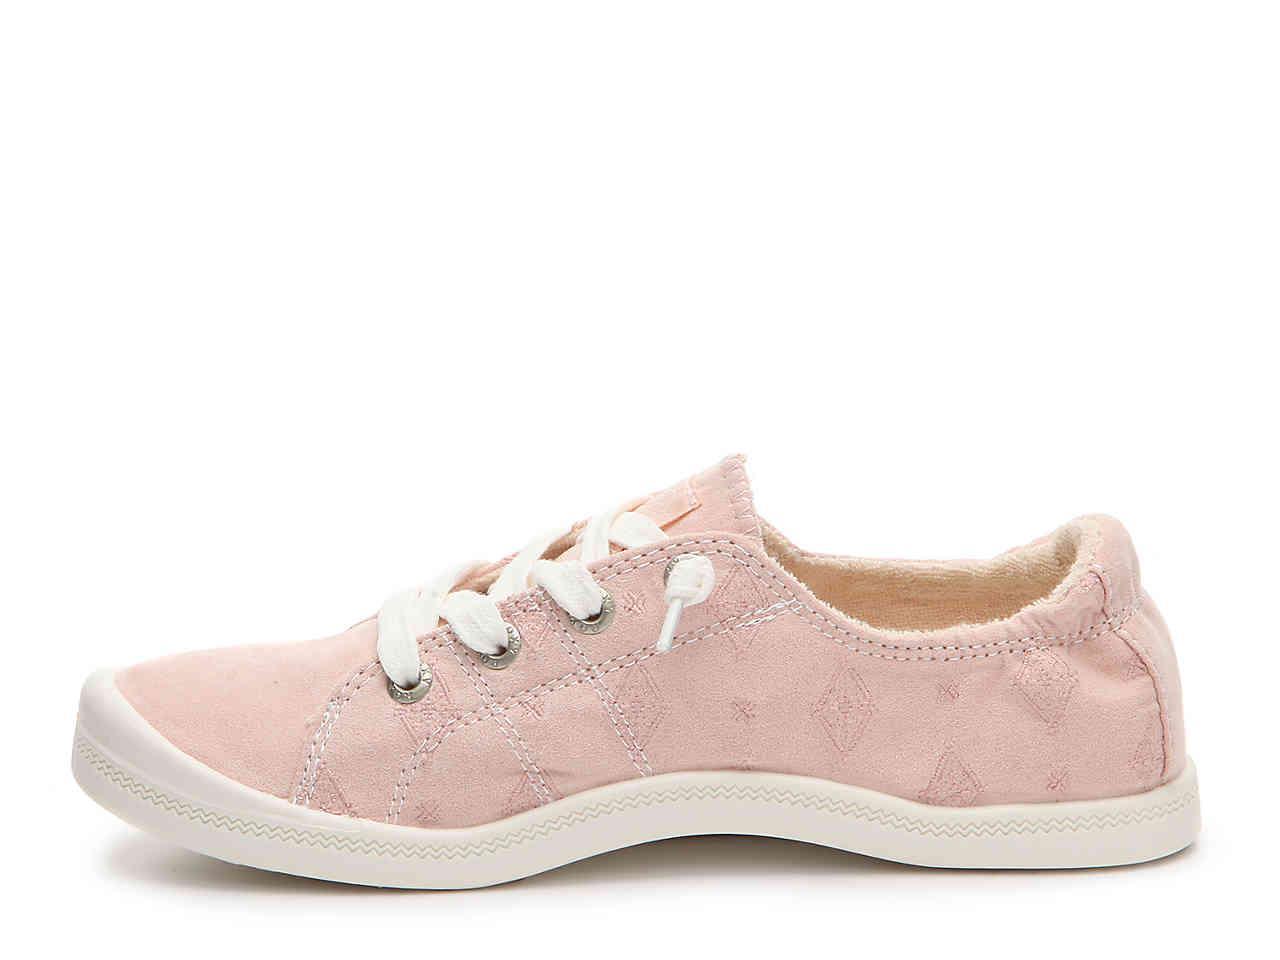 Roxy Bayshore Ii Slip-on Sneaker in